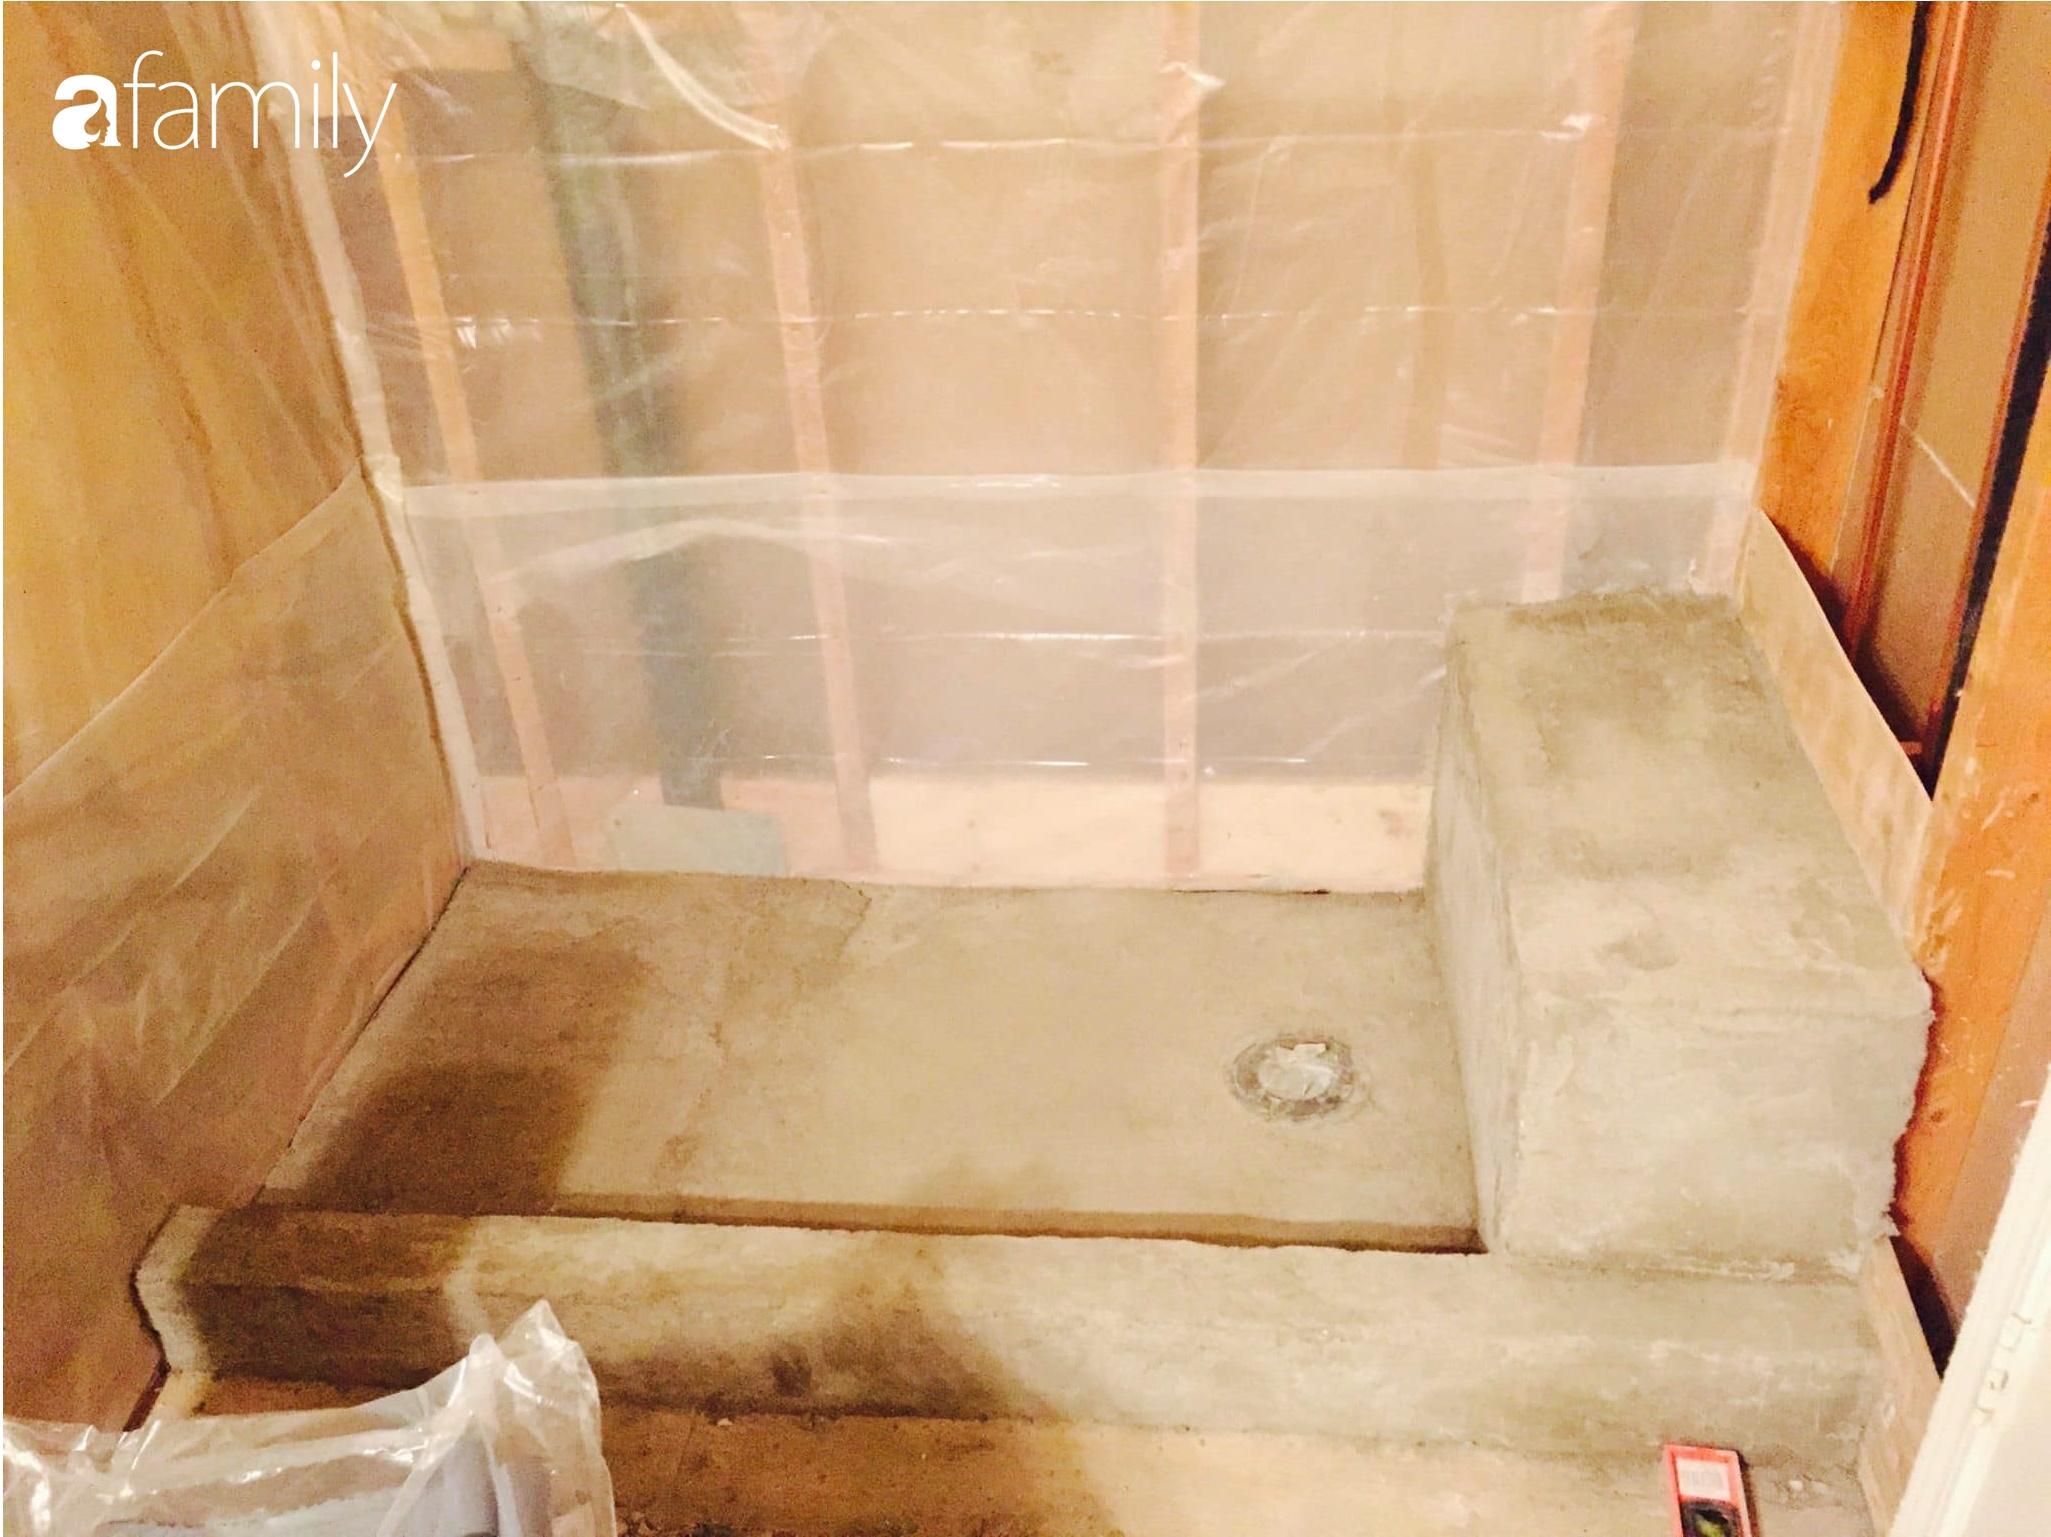 Kỉ niệm 6 năm ngày cưới, cặp vợ chồng Việt khoe khéo không gian phòng tắm tự tay cải tạo từng chút một ở đất Mỹ - Ảnh 10.